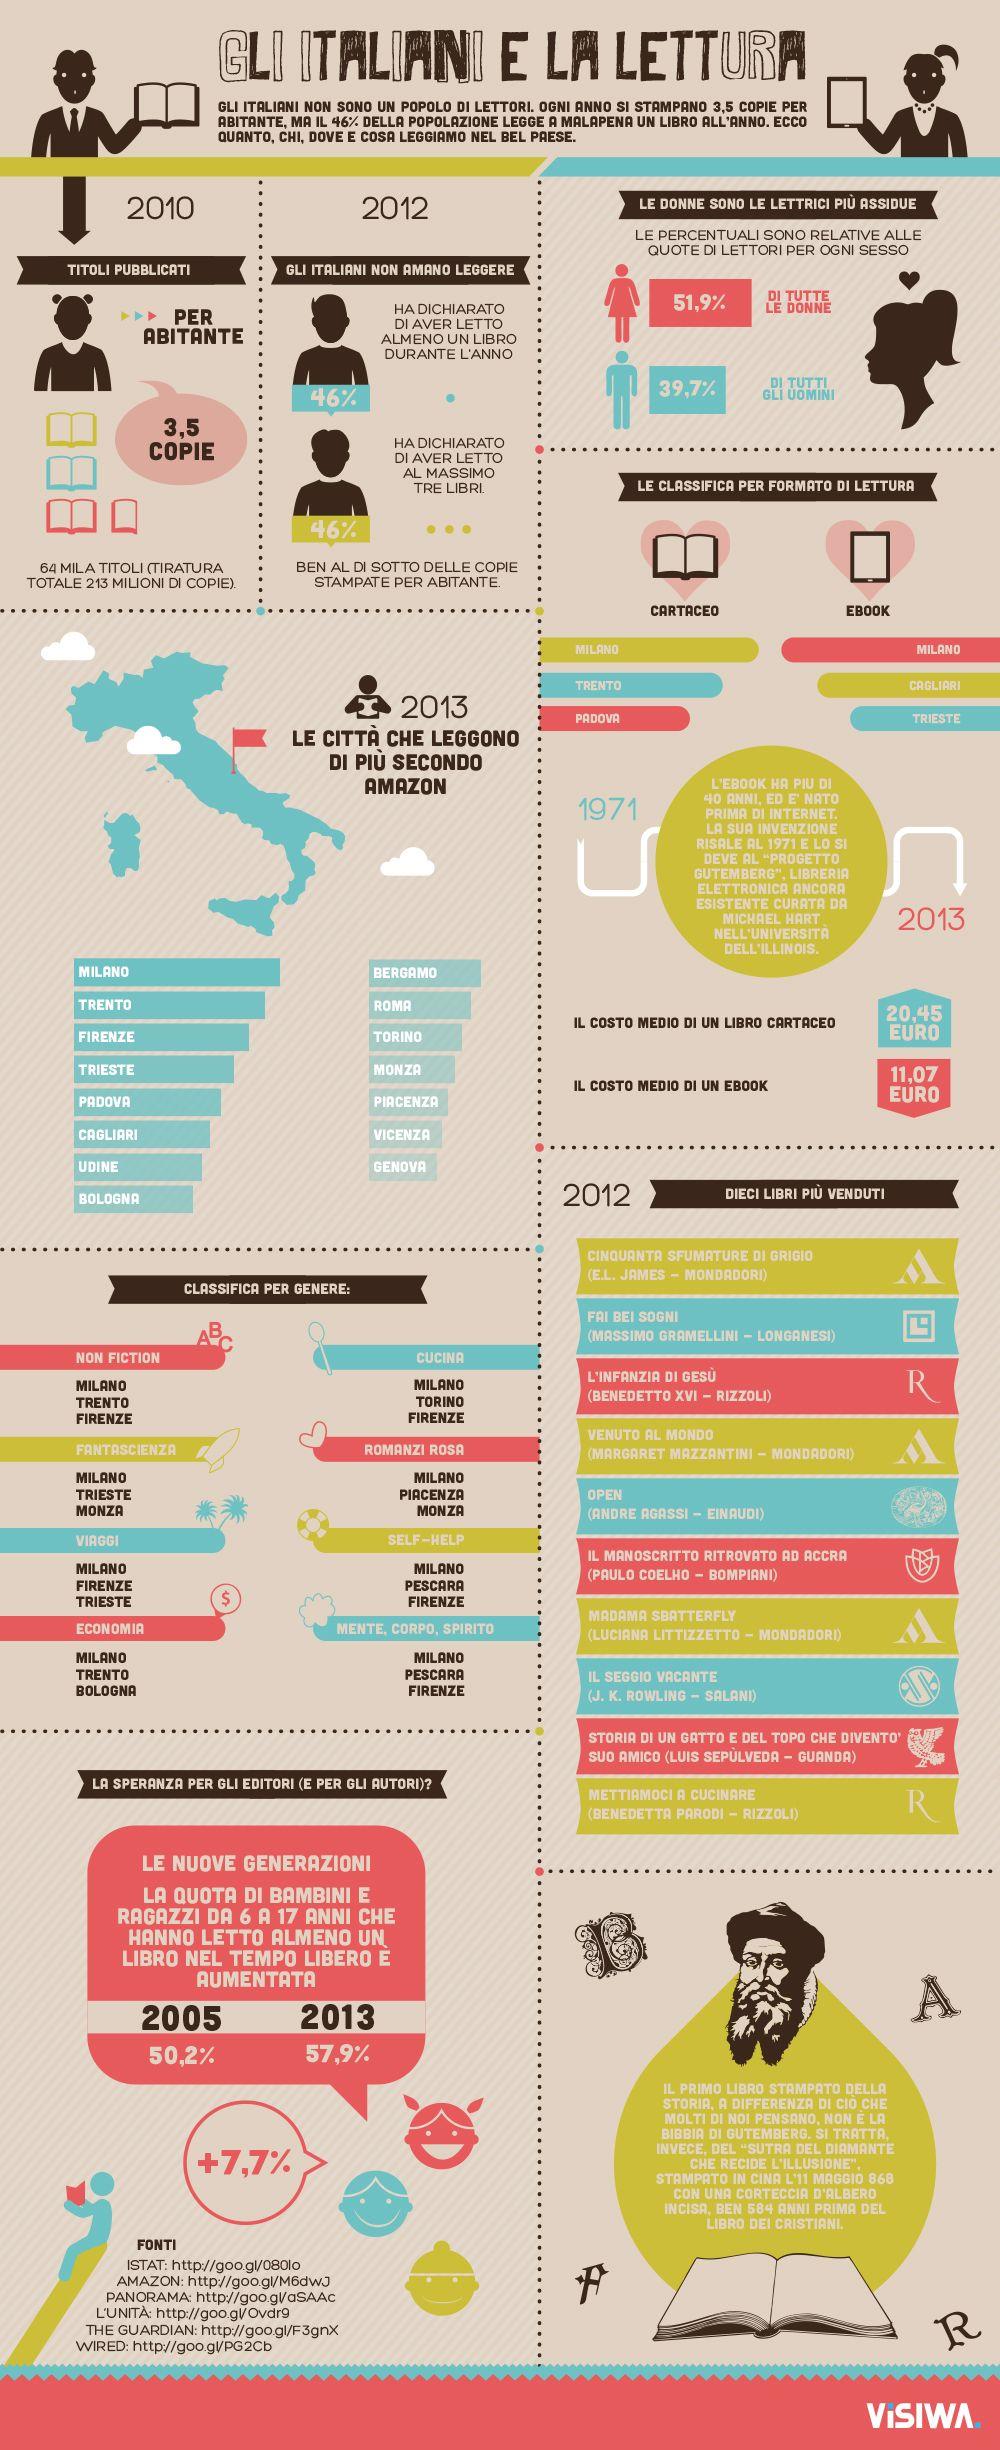 Libri In Italia E Quanto E Cosa Leggiamo Infografica La